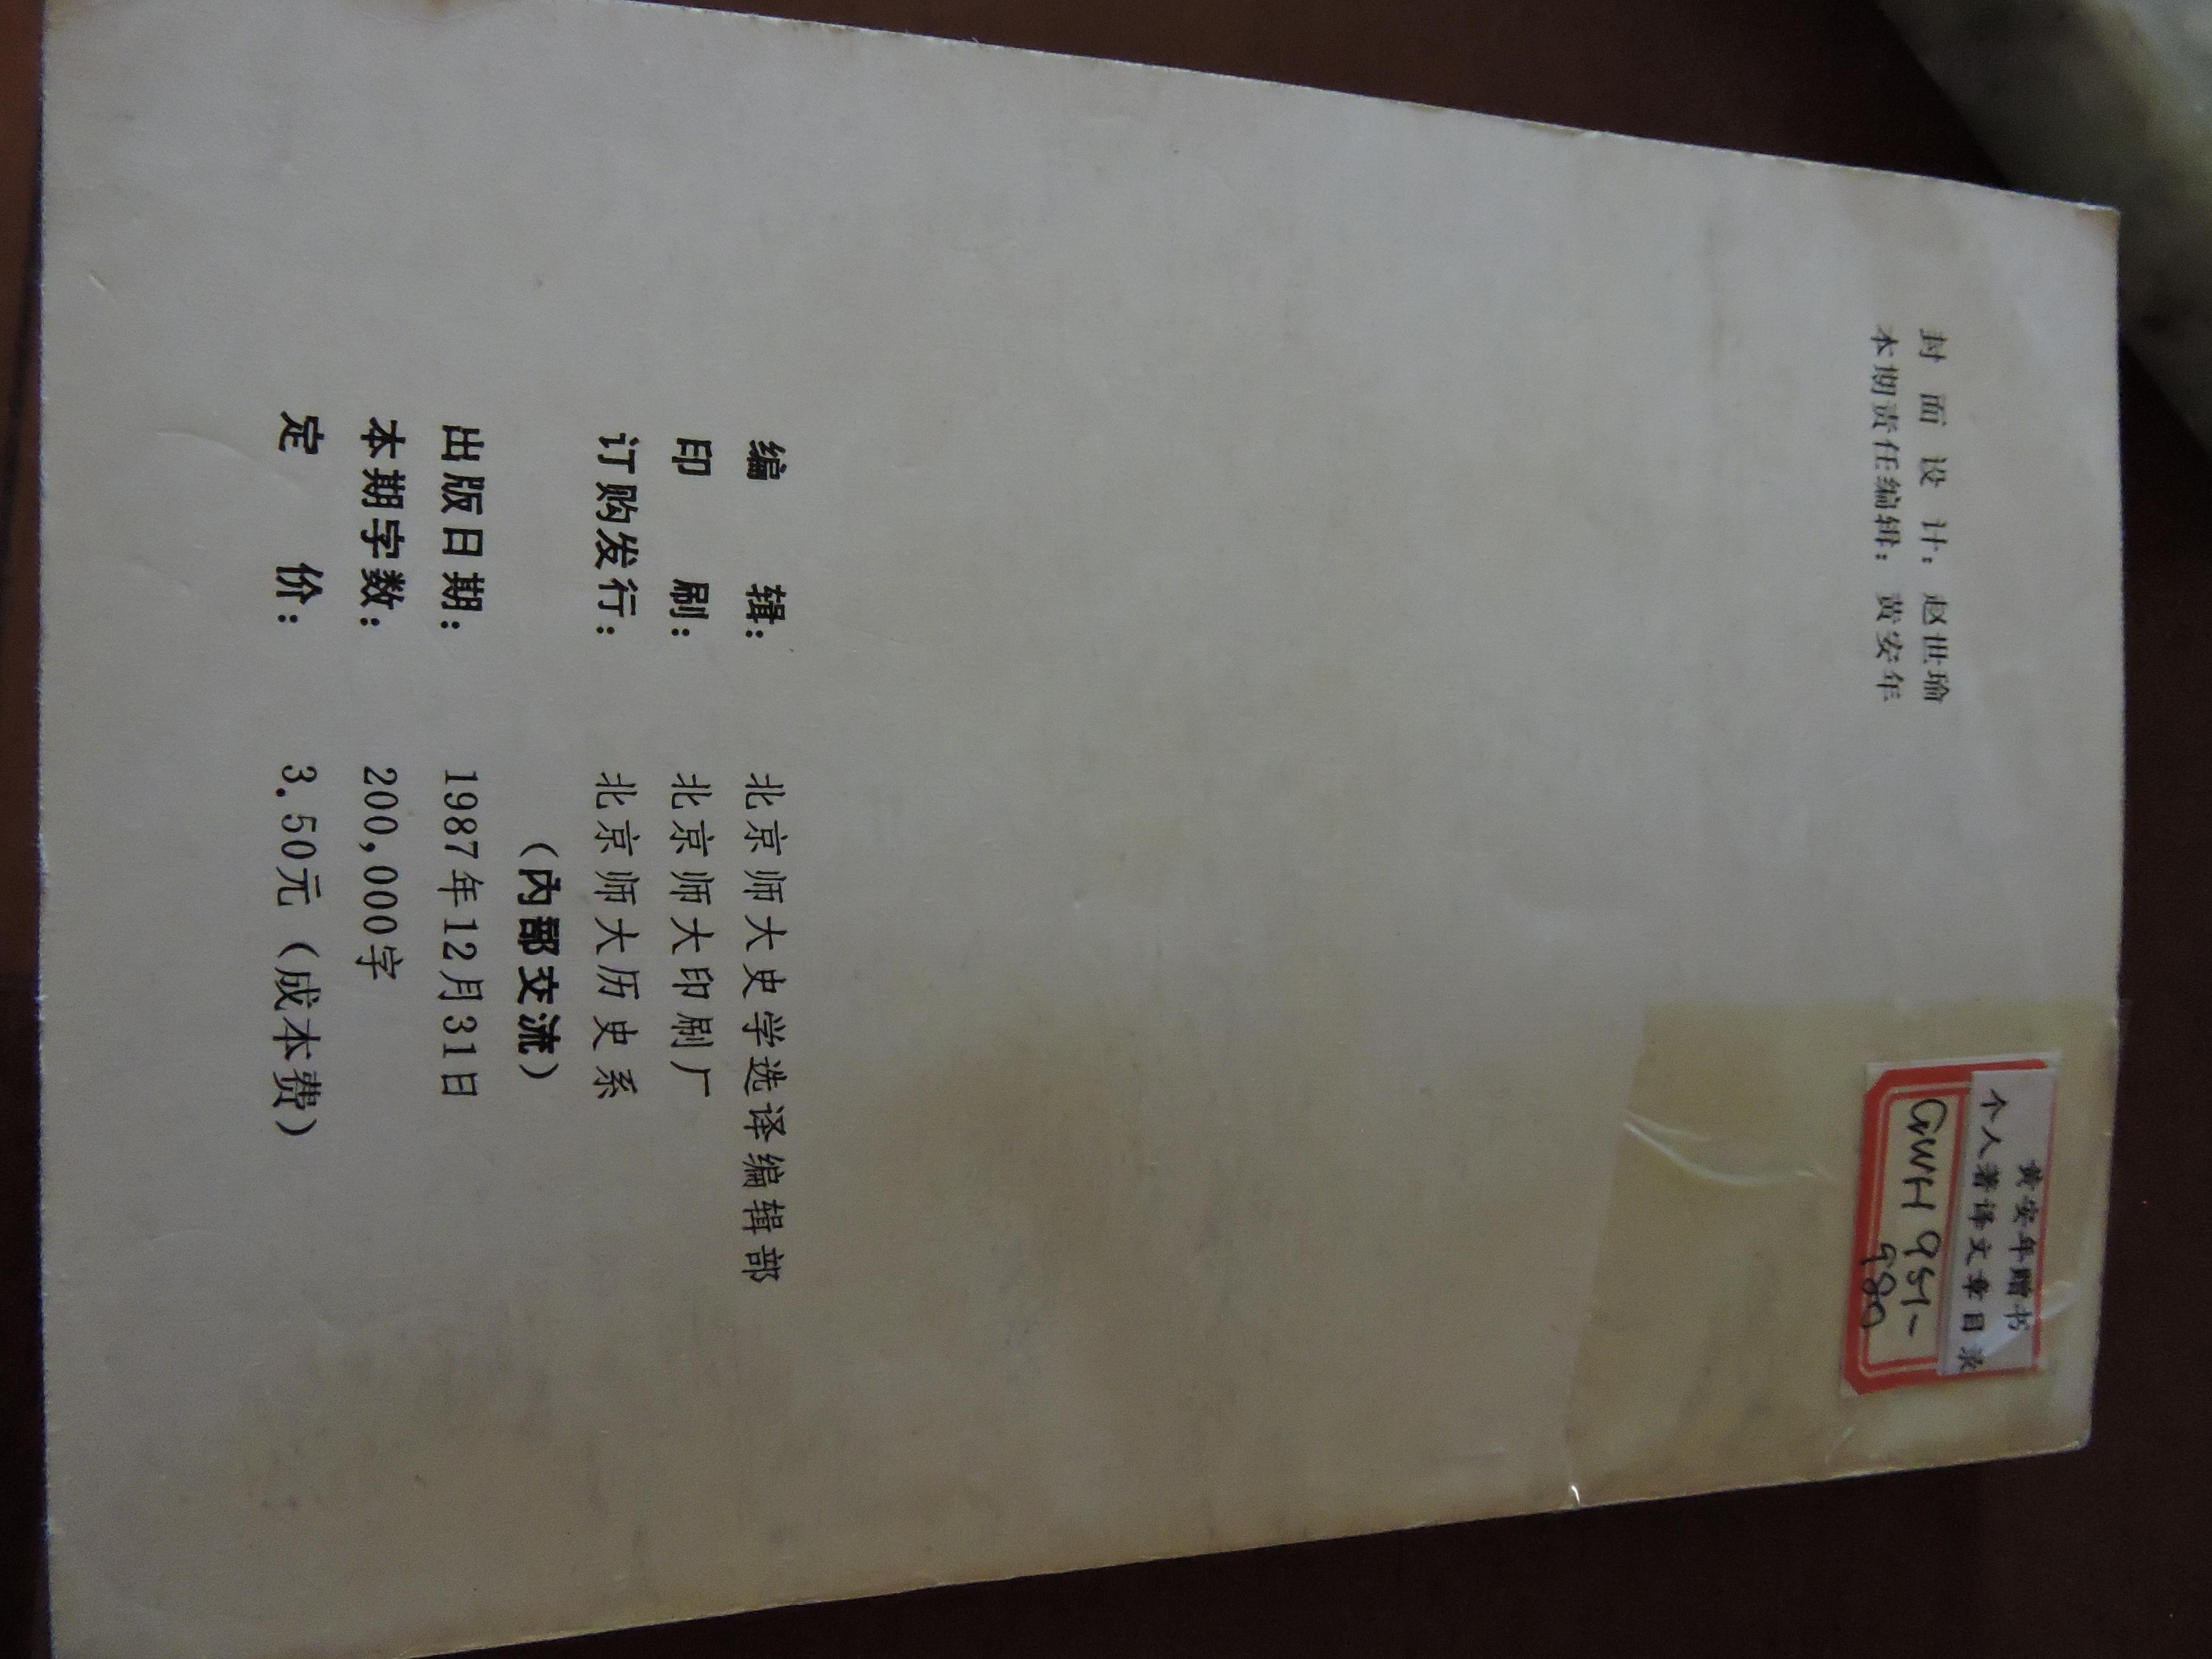 DSCN8637.JPG